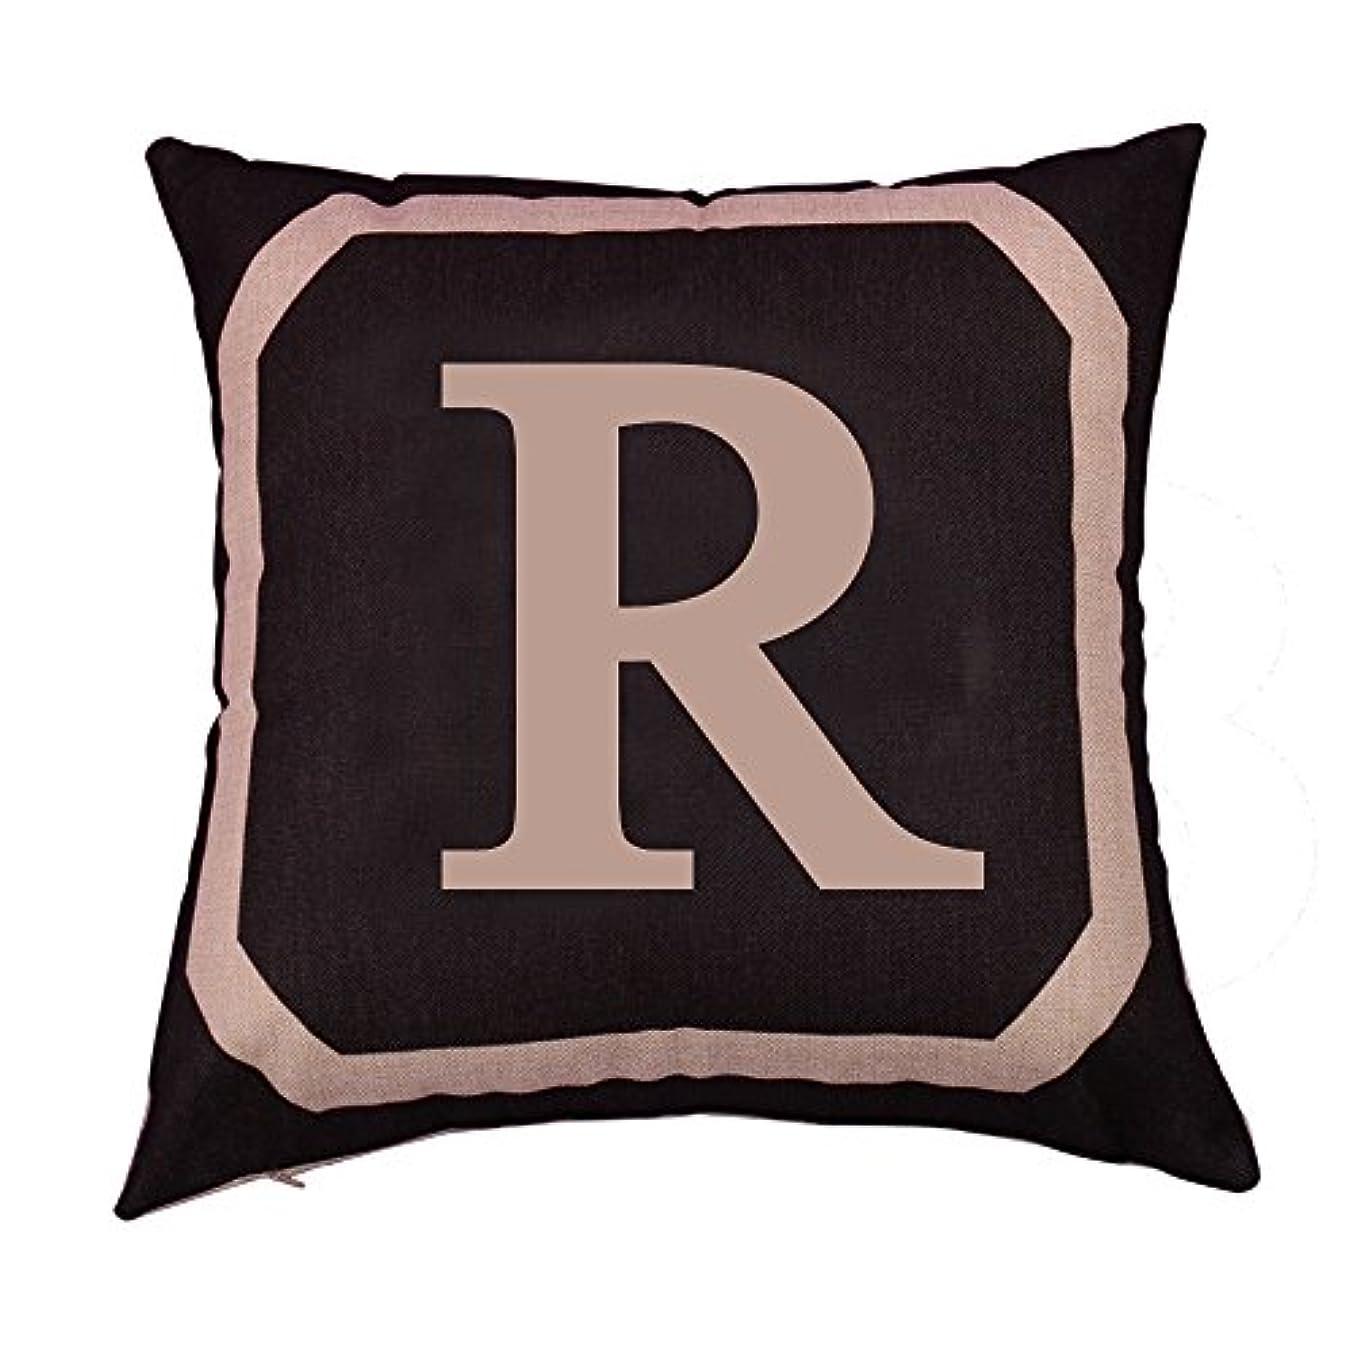 ナイロン抵抗する考案するB Blesiya ピローケース 正方形 リネンスロー クッション カバー ソファ 装飾